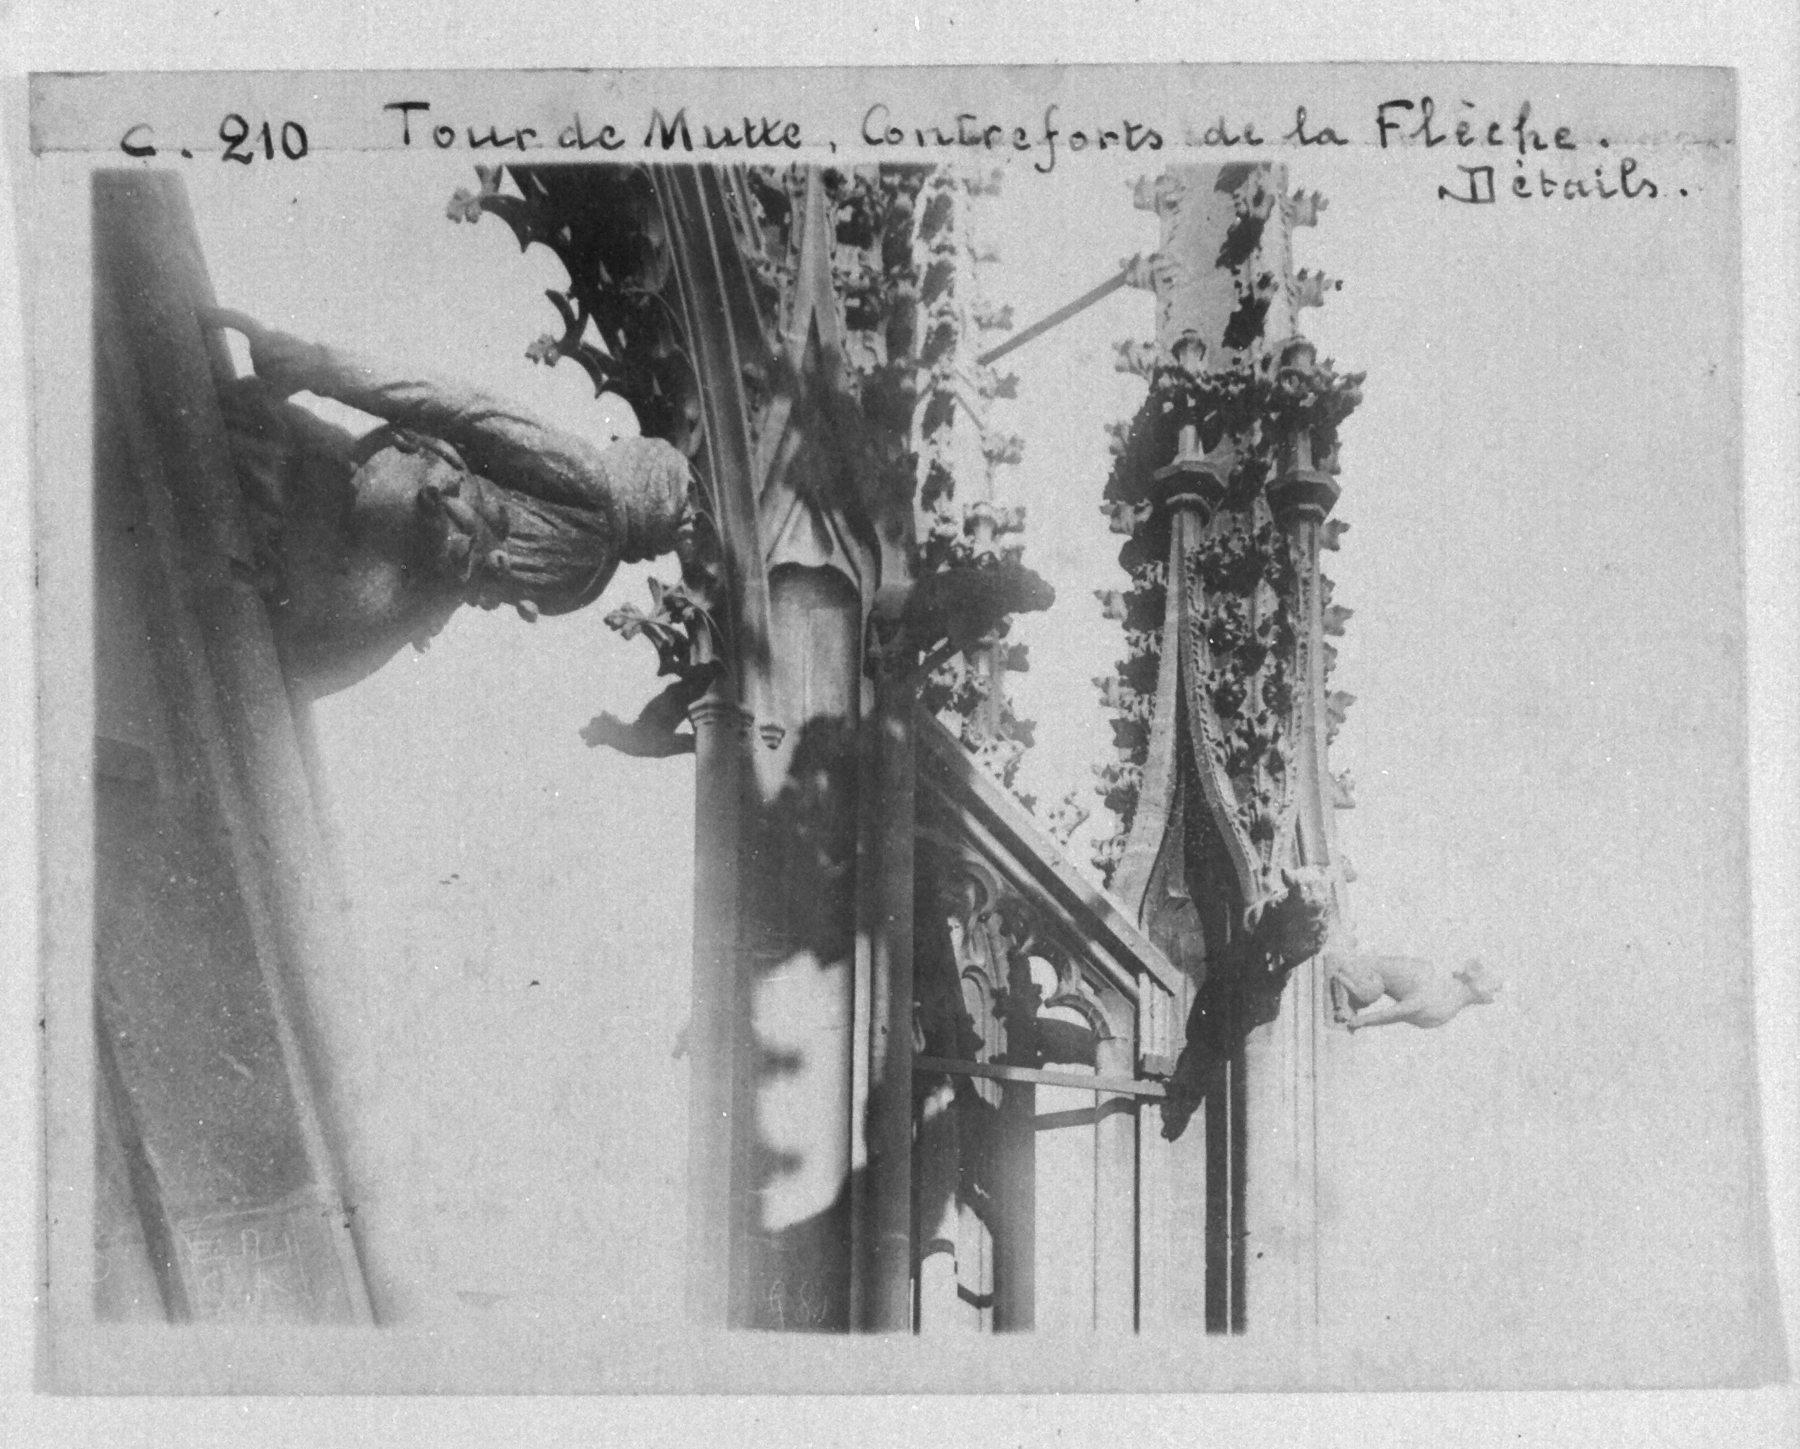 Contenu du Les contreforts de la flèche de la tour de la Mutte